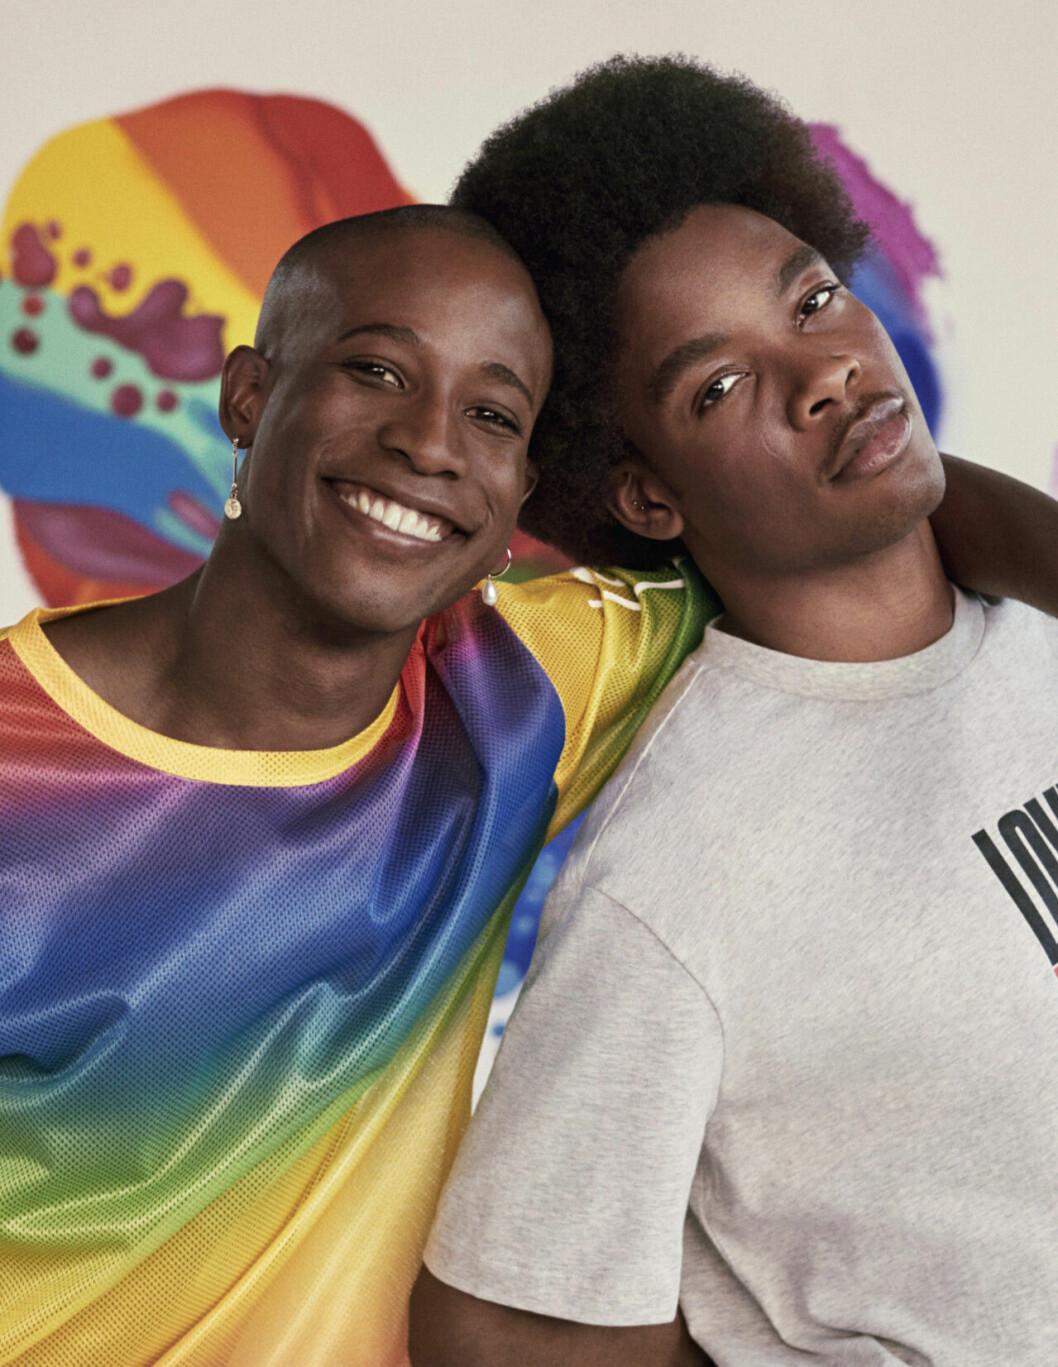 Här köper du H&M:s Pridekollektion 2019